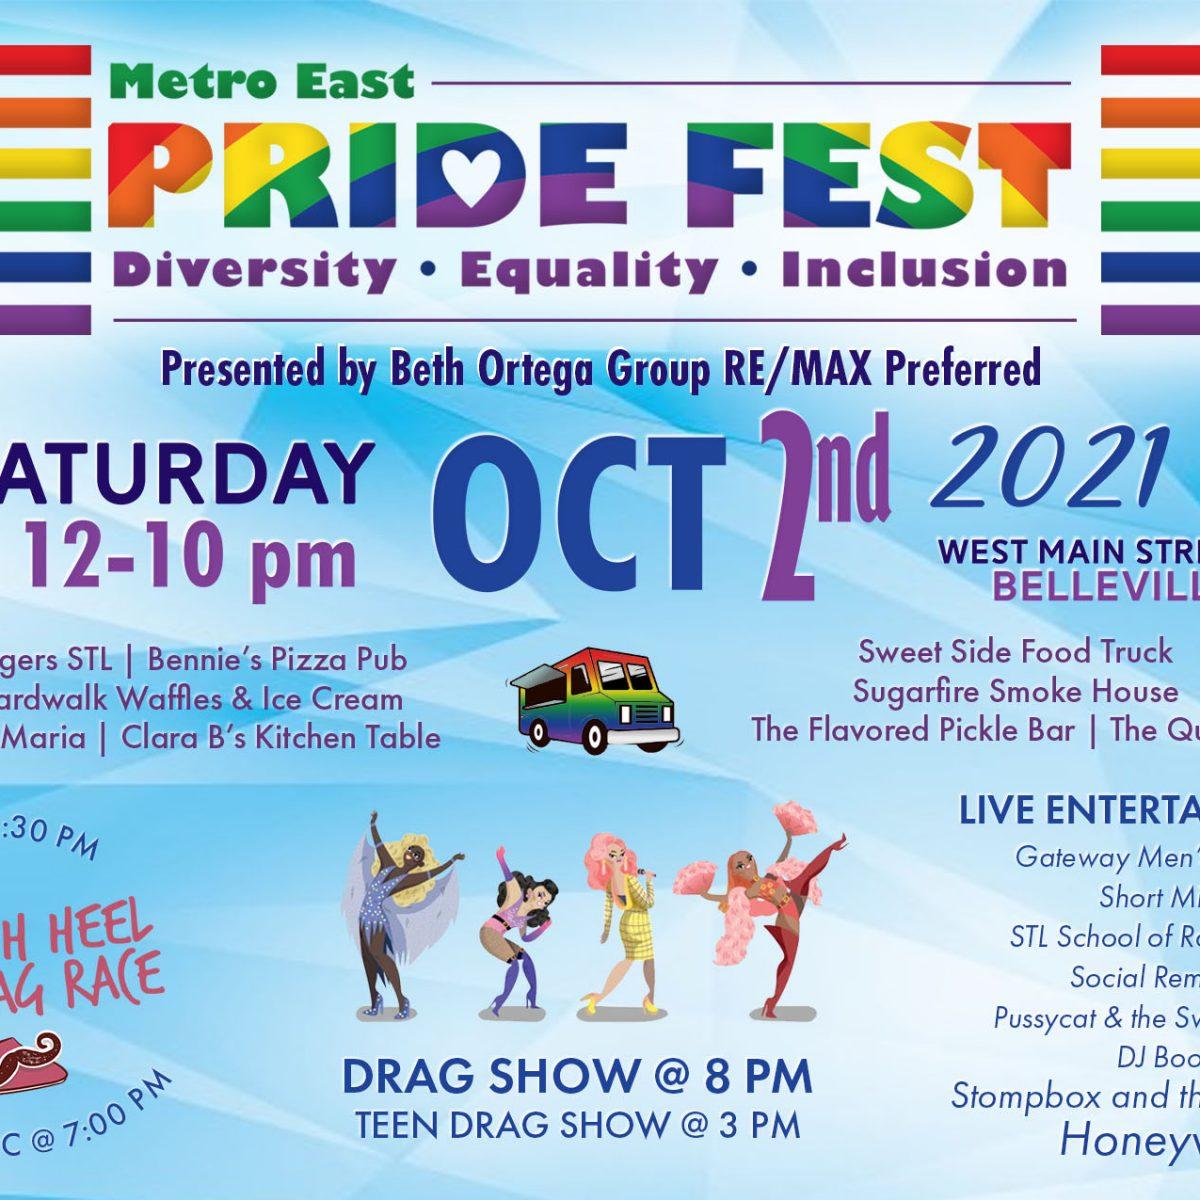 Metro East Pride